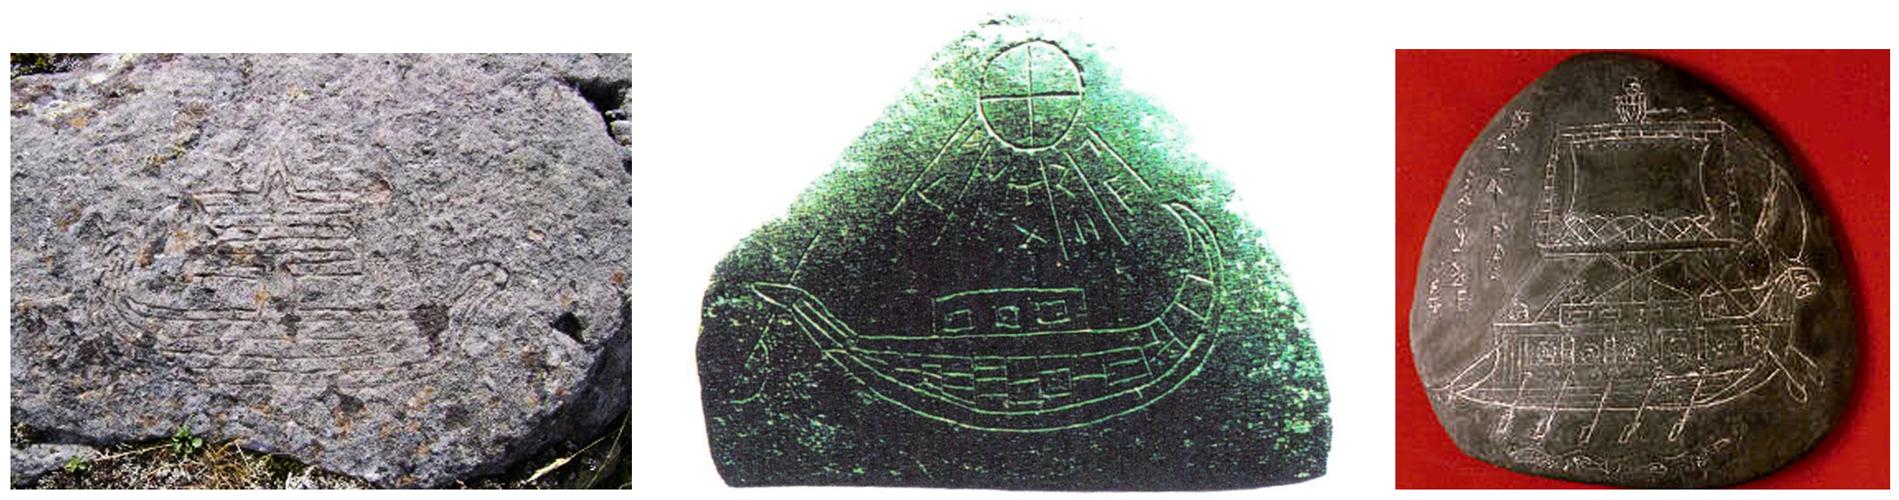 Σιωπηλοί μάρτυρες αυτές οι πέτρες του Μίσιγκαν, με μινωικά και μυκηναϊκά πλοία χαραγμένα πάνω τους